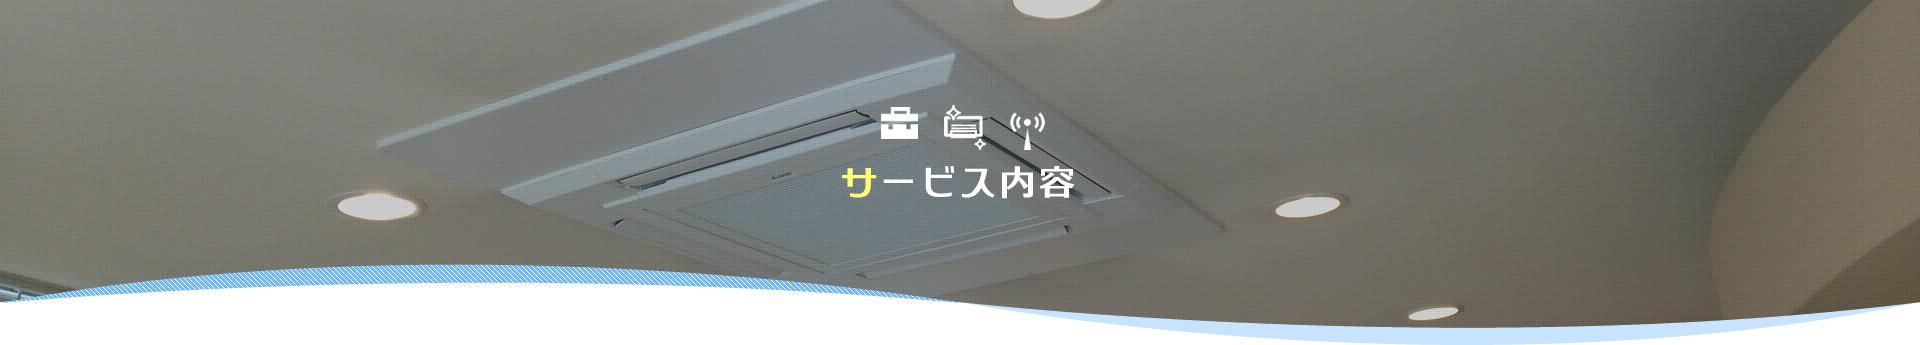 サービス内容 | エアコンアシスト福岡